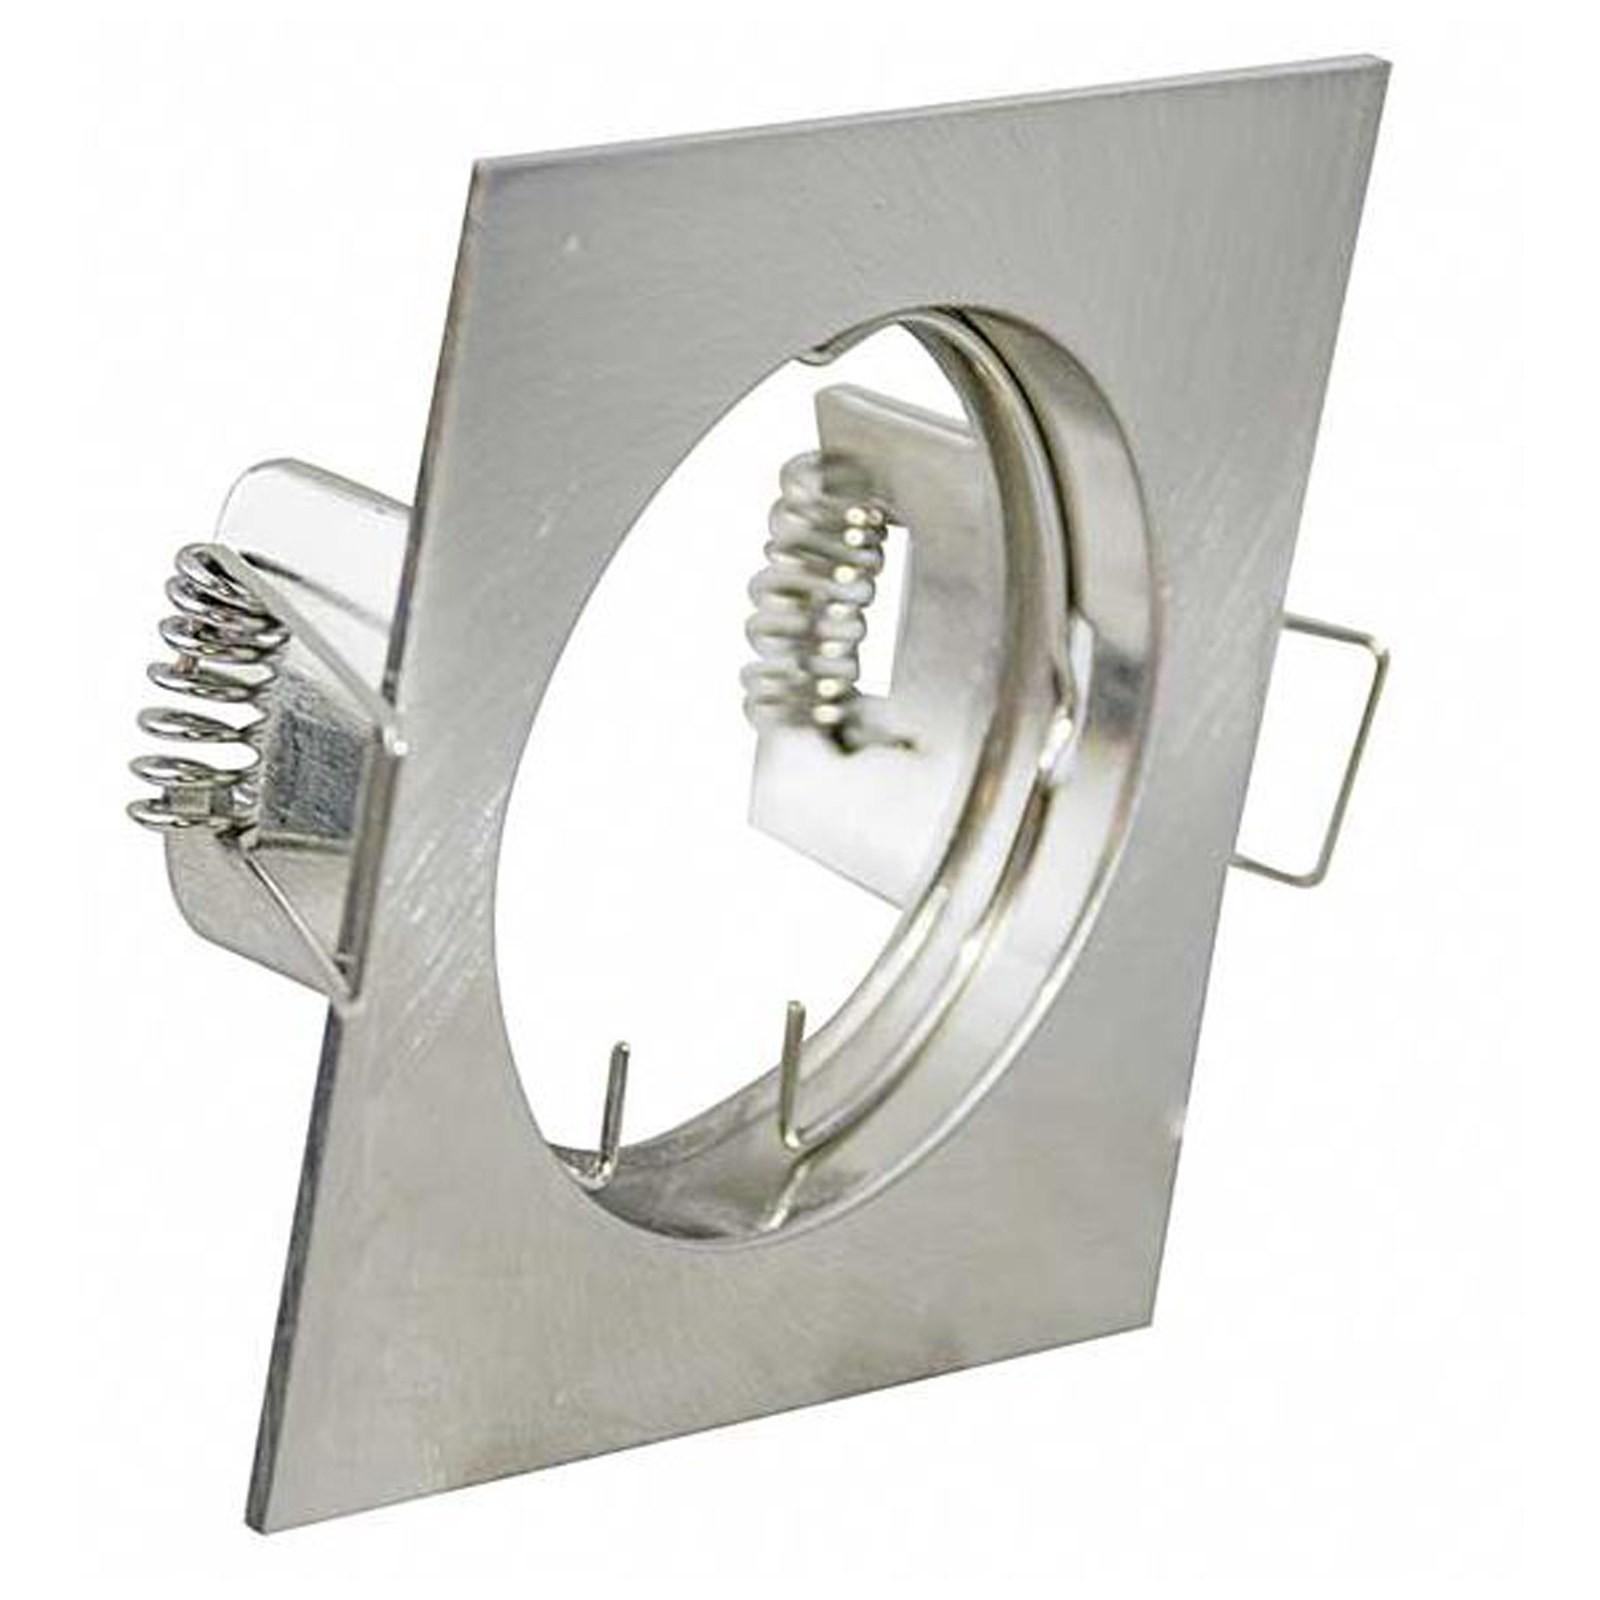 Faretti Led Su Cavi Dacciaio: Faretti led su cavi dacciaio lampada a sospensione design originale.